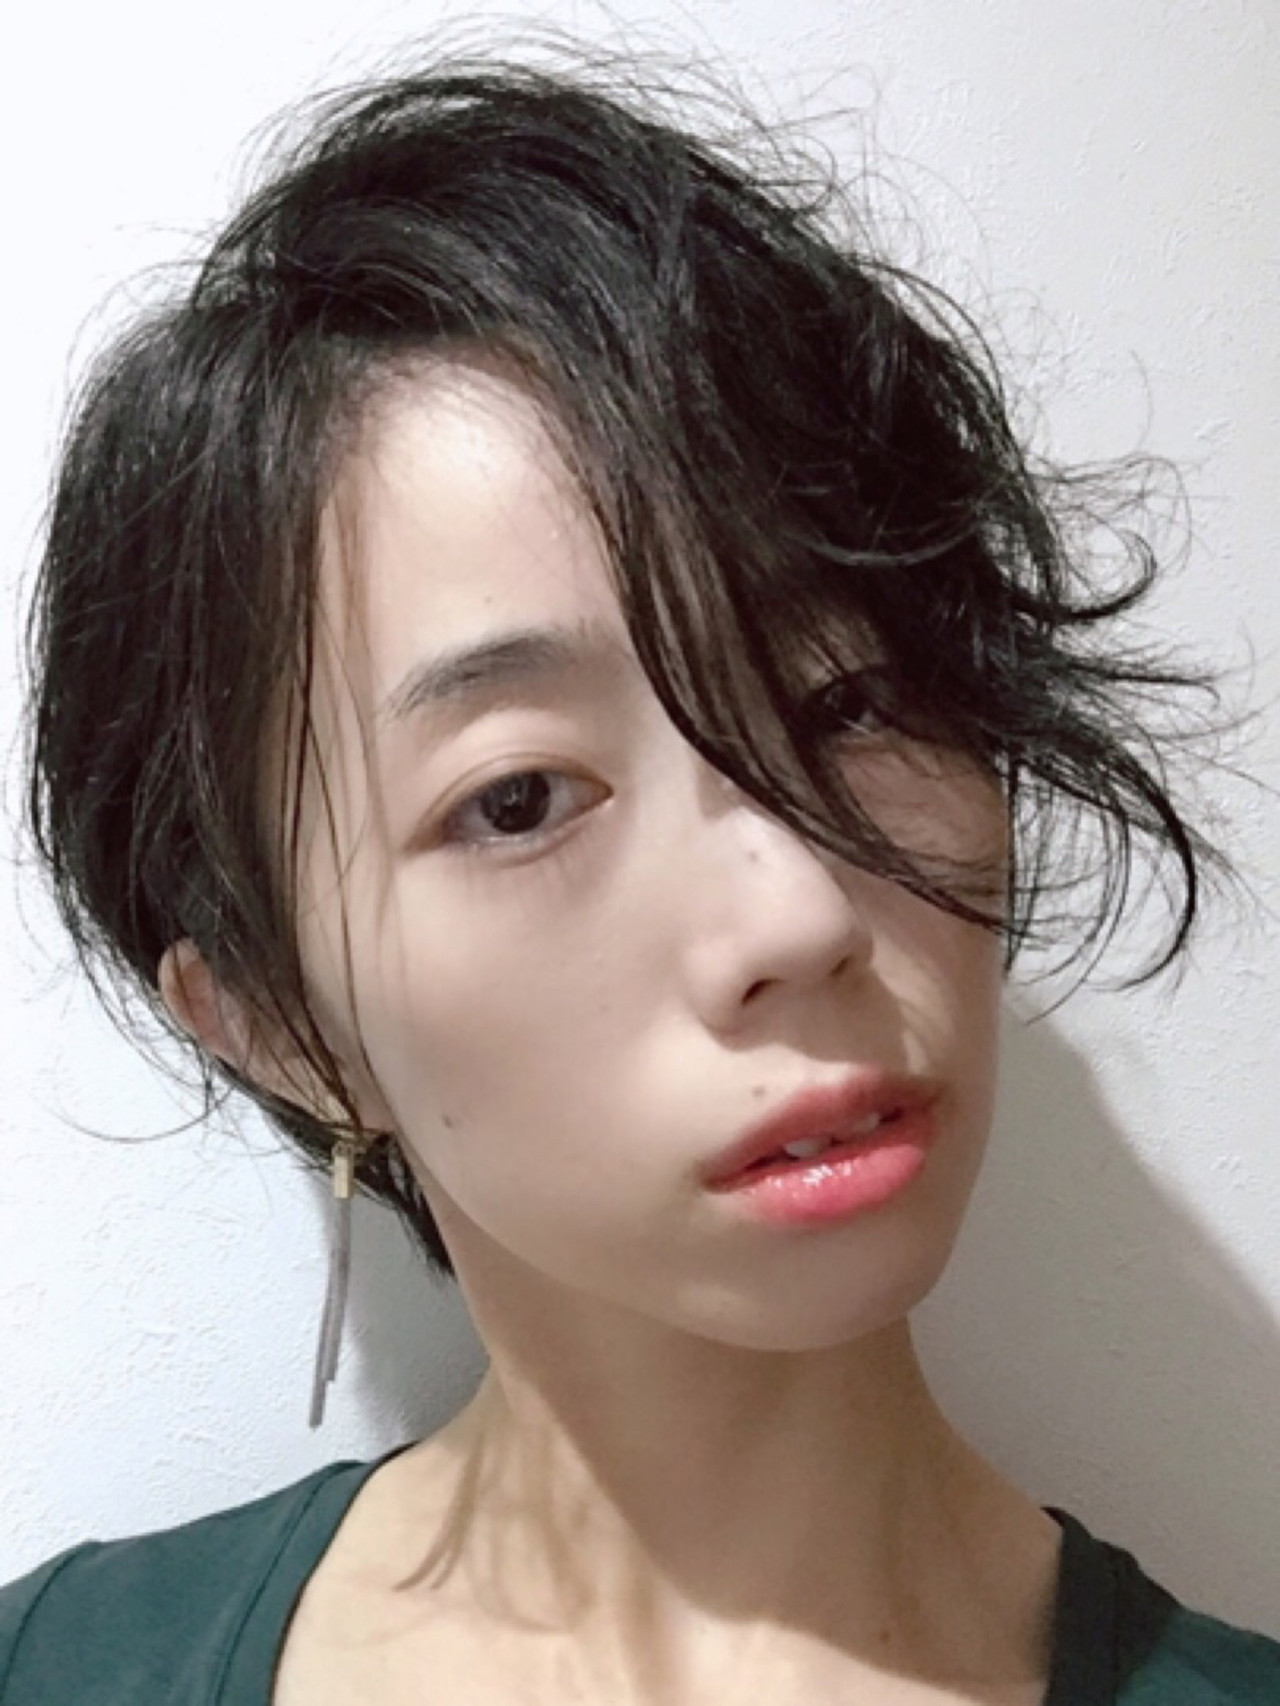 モード 前髪パーマ パーマ 黒髪 ヘアスタイルや髪型の写真・画像